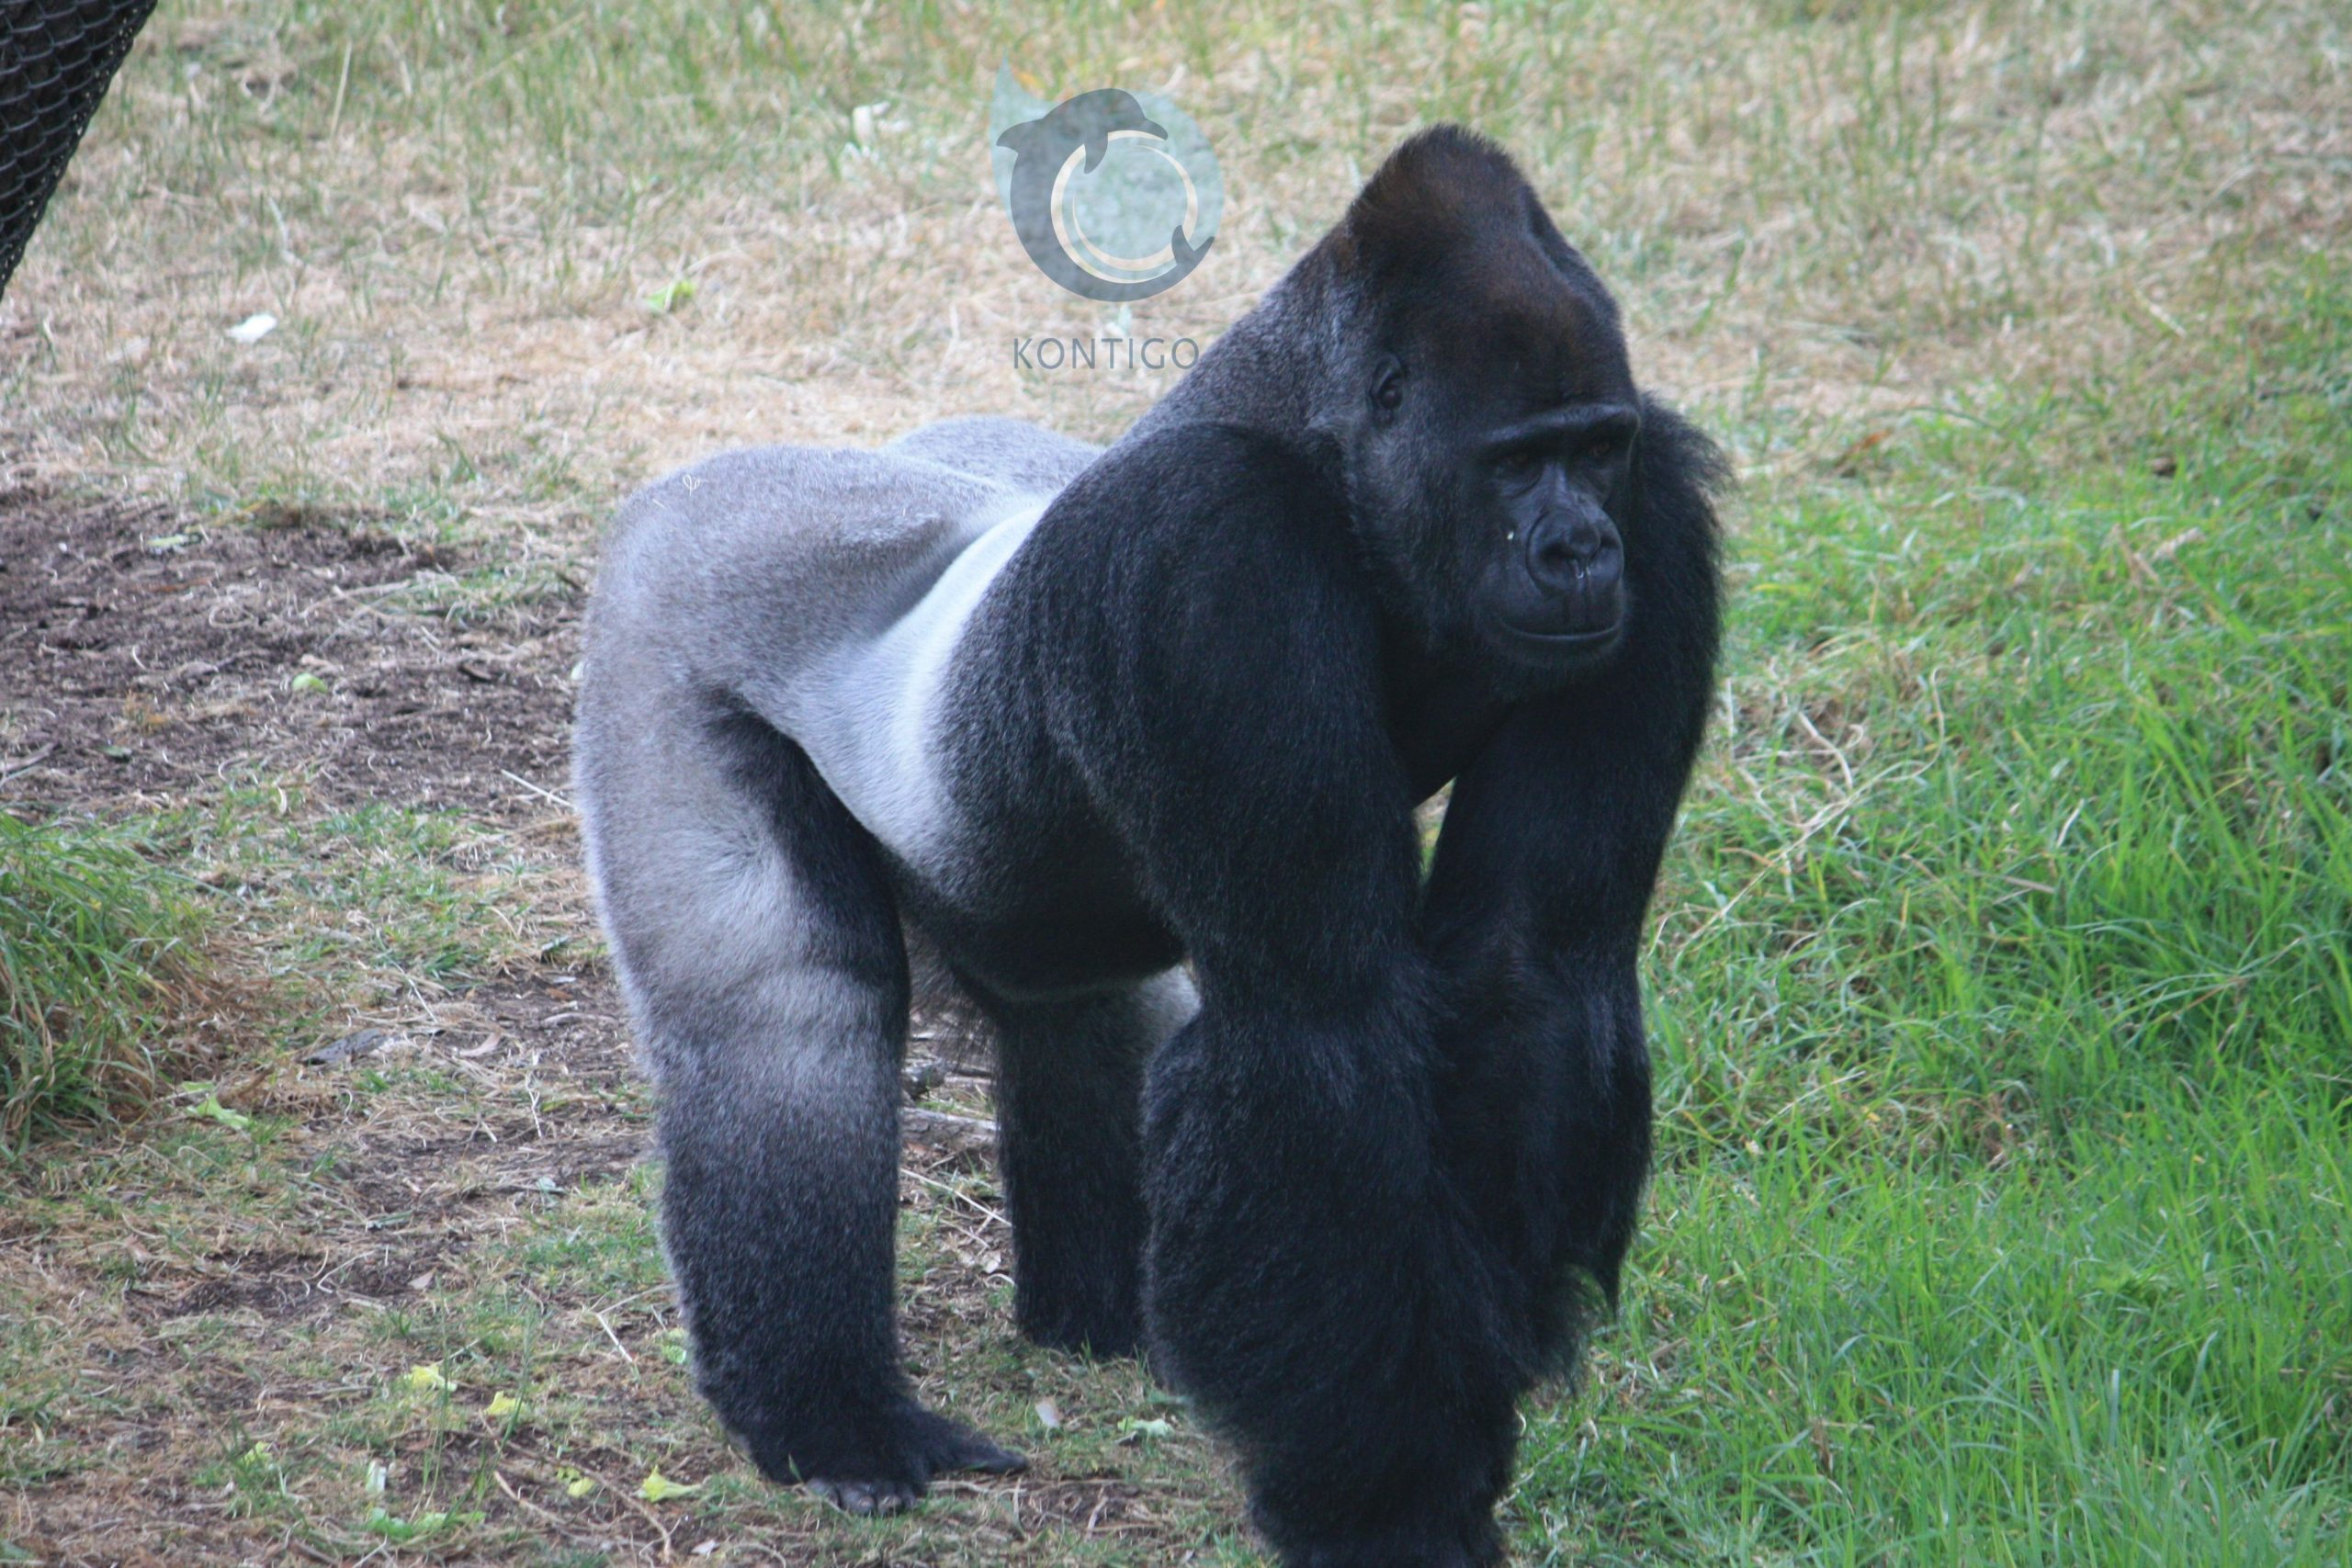 Este es un Gorila de espalda plateada, zoológico de San Francisco: Kontigo